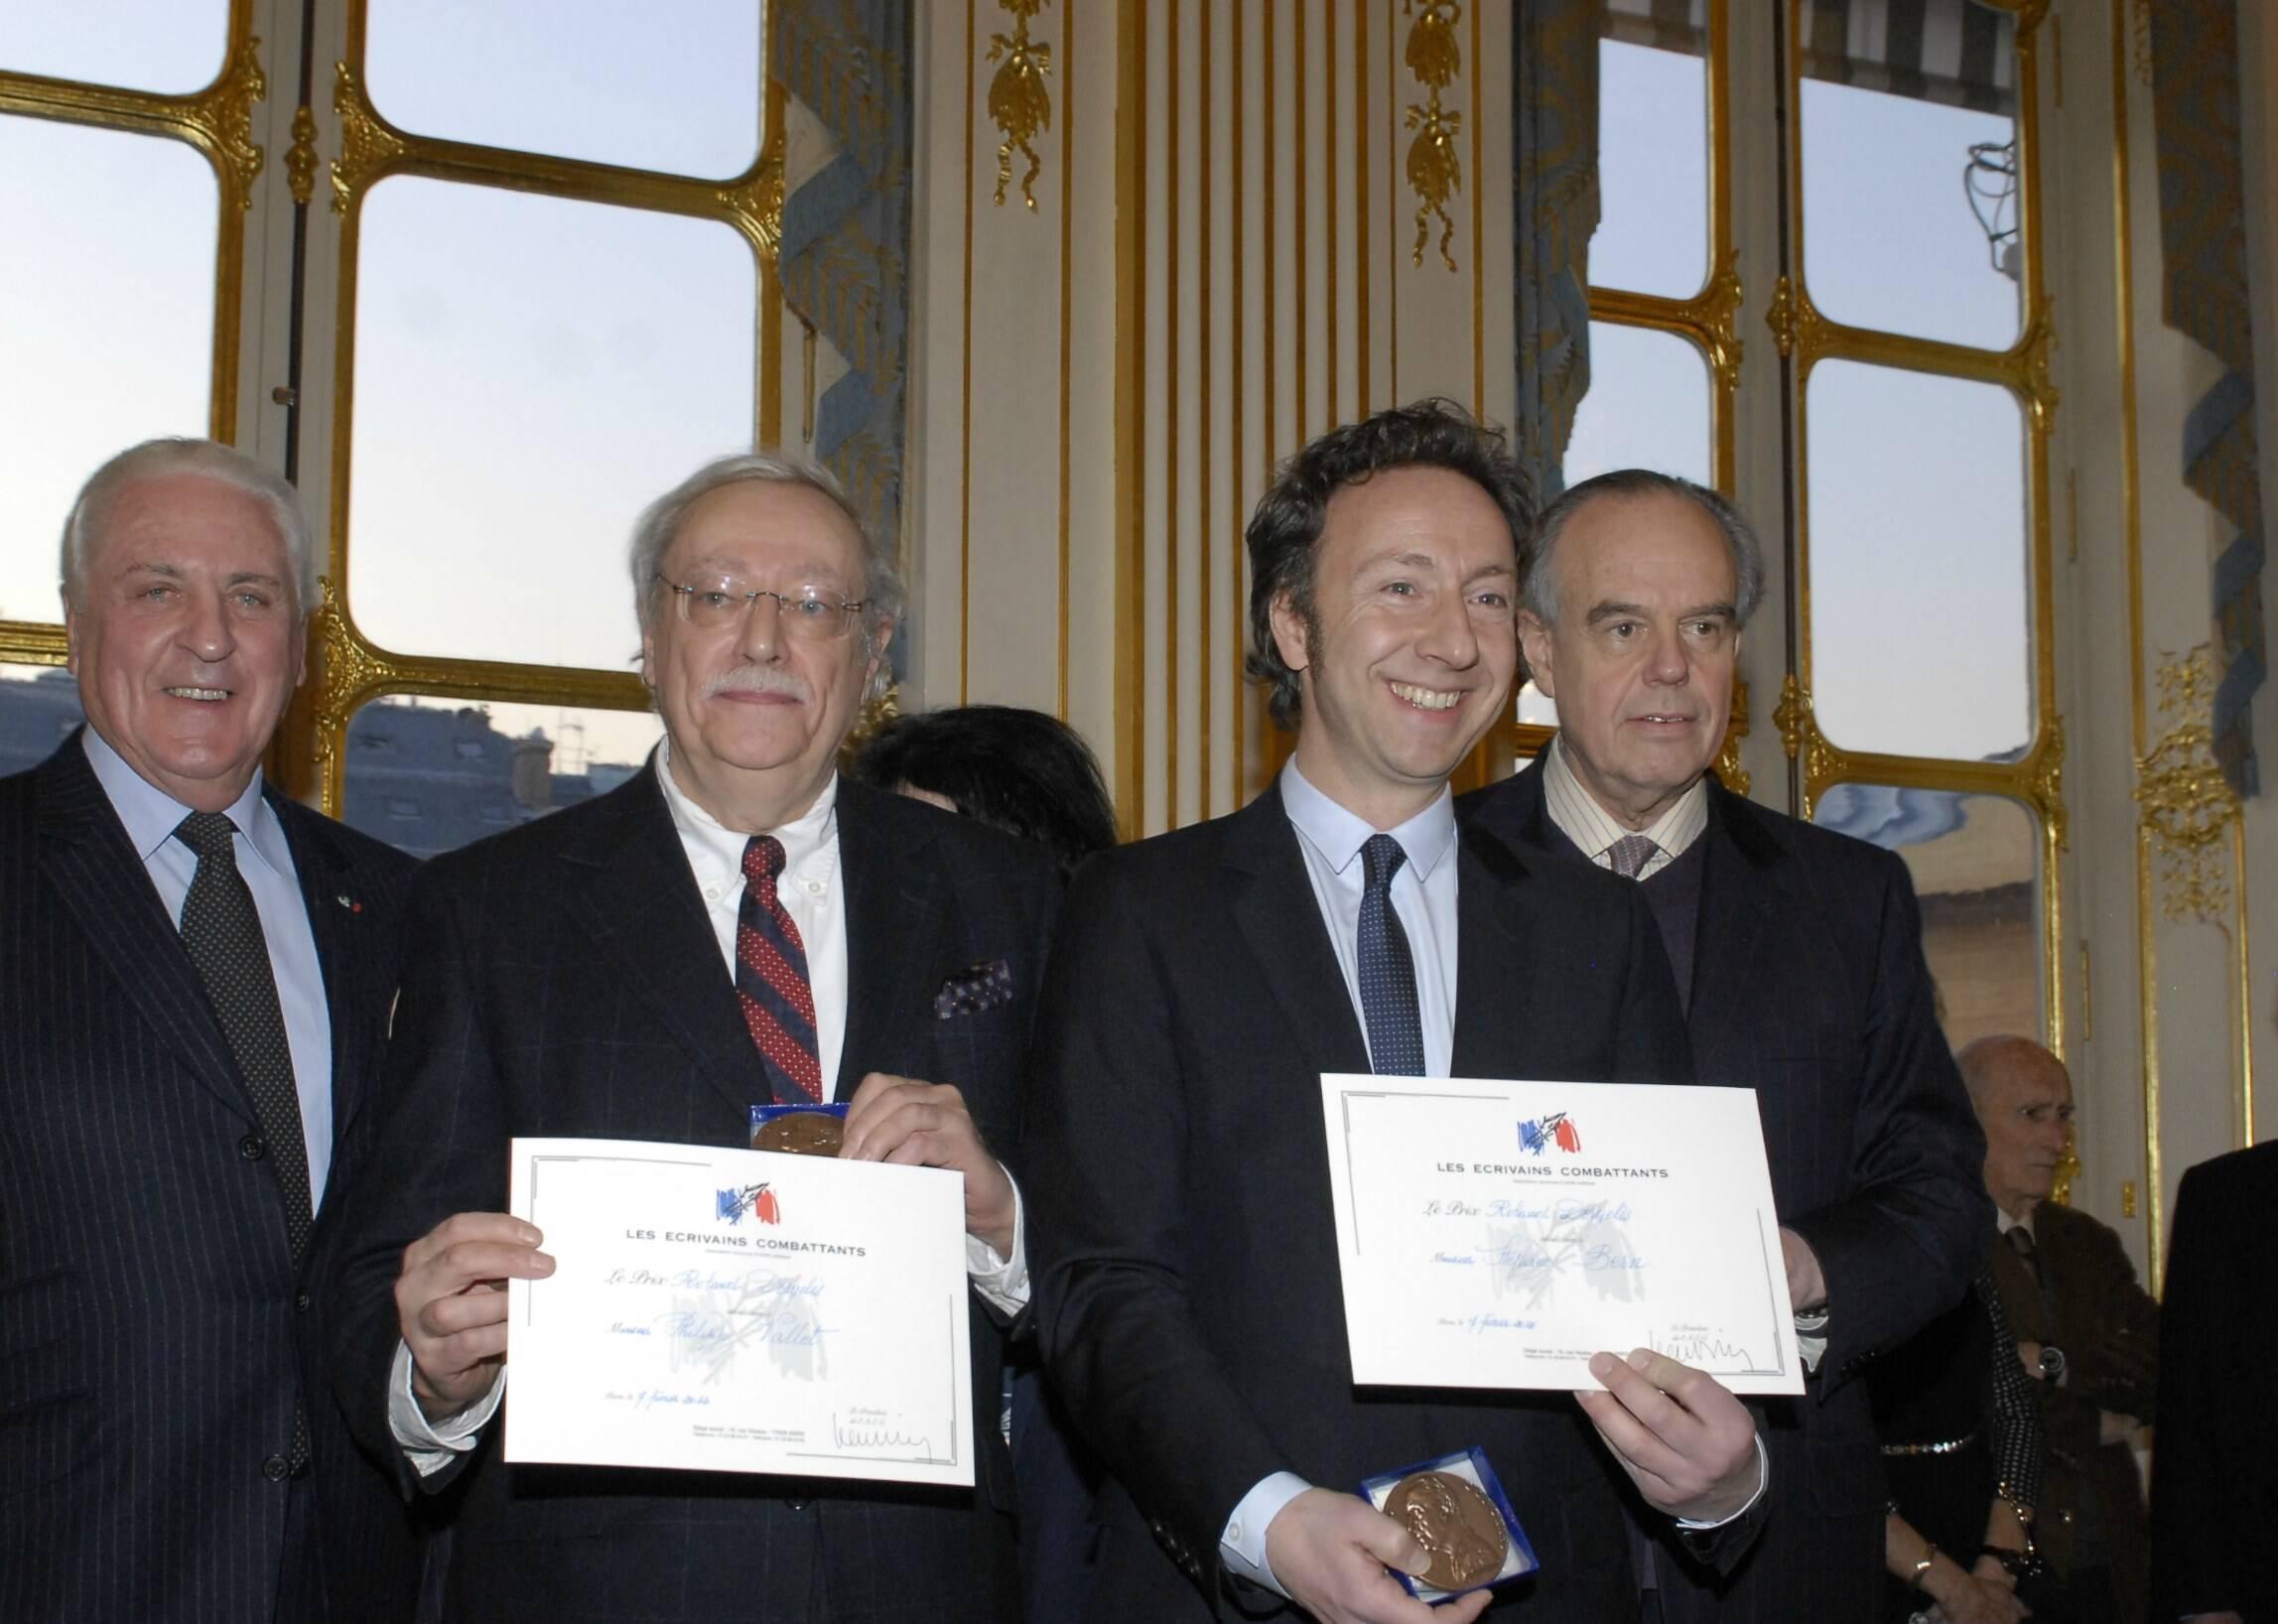 Frédéric Mitterrand en compagnie de Jean Orizet, Philippe Vallet et Stéphane Bern